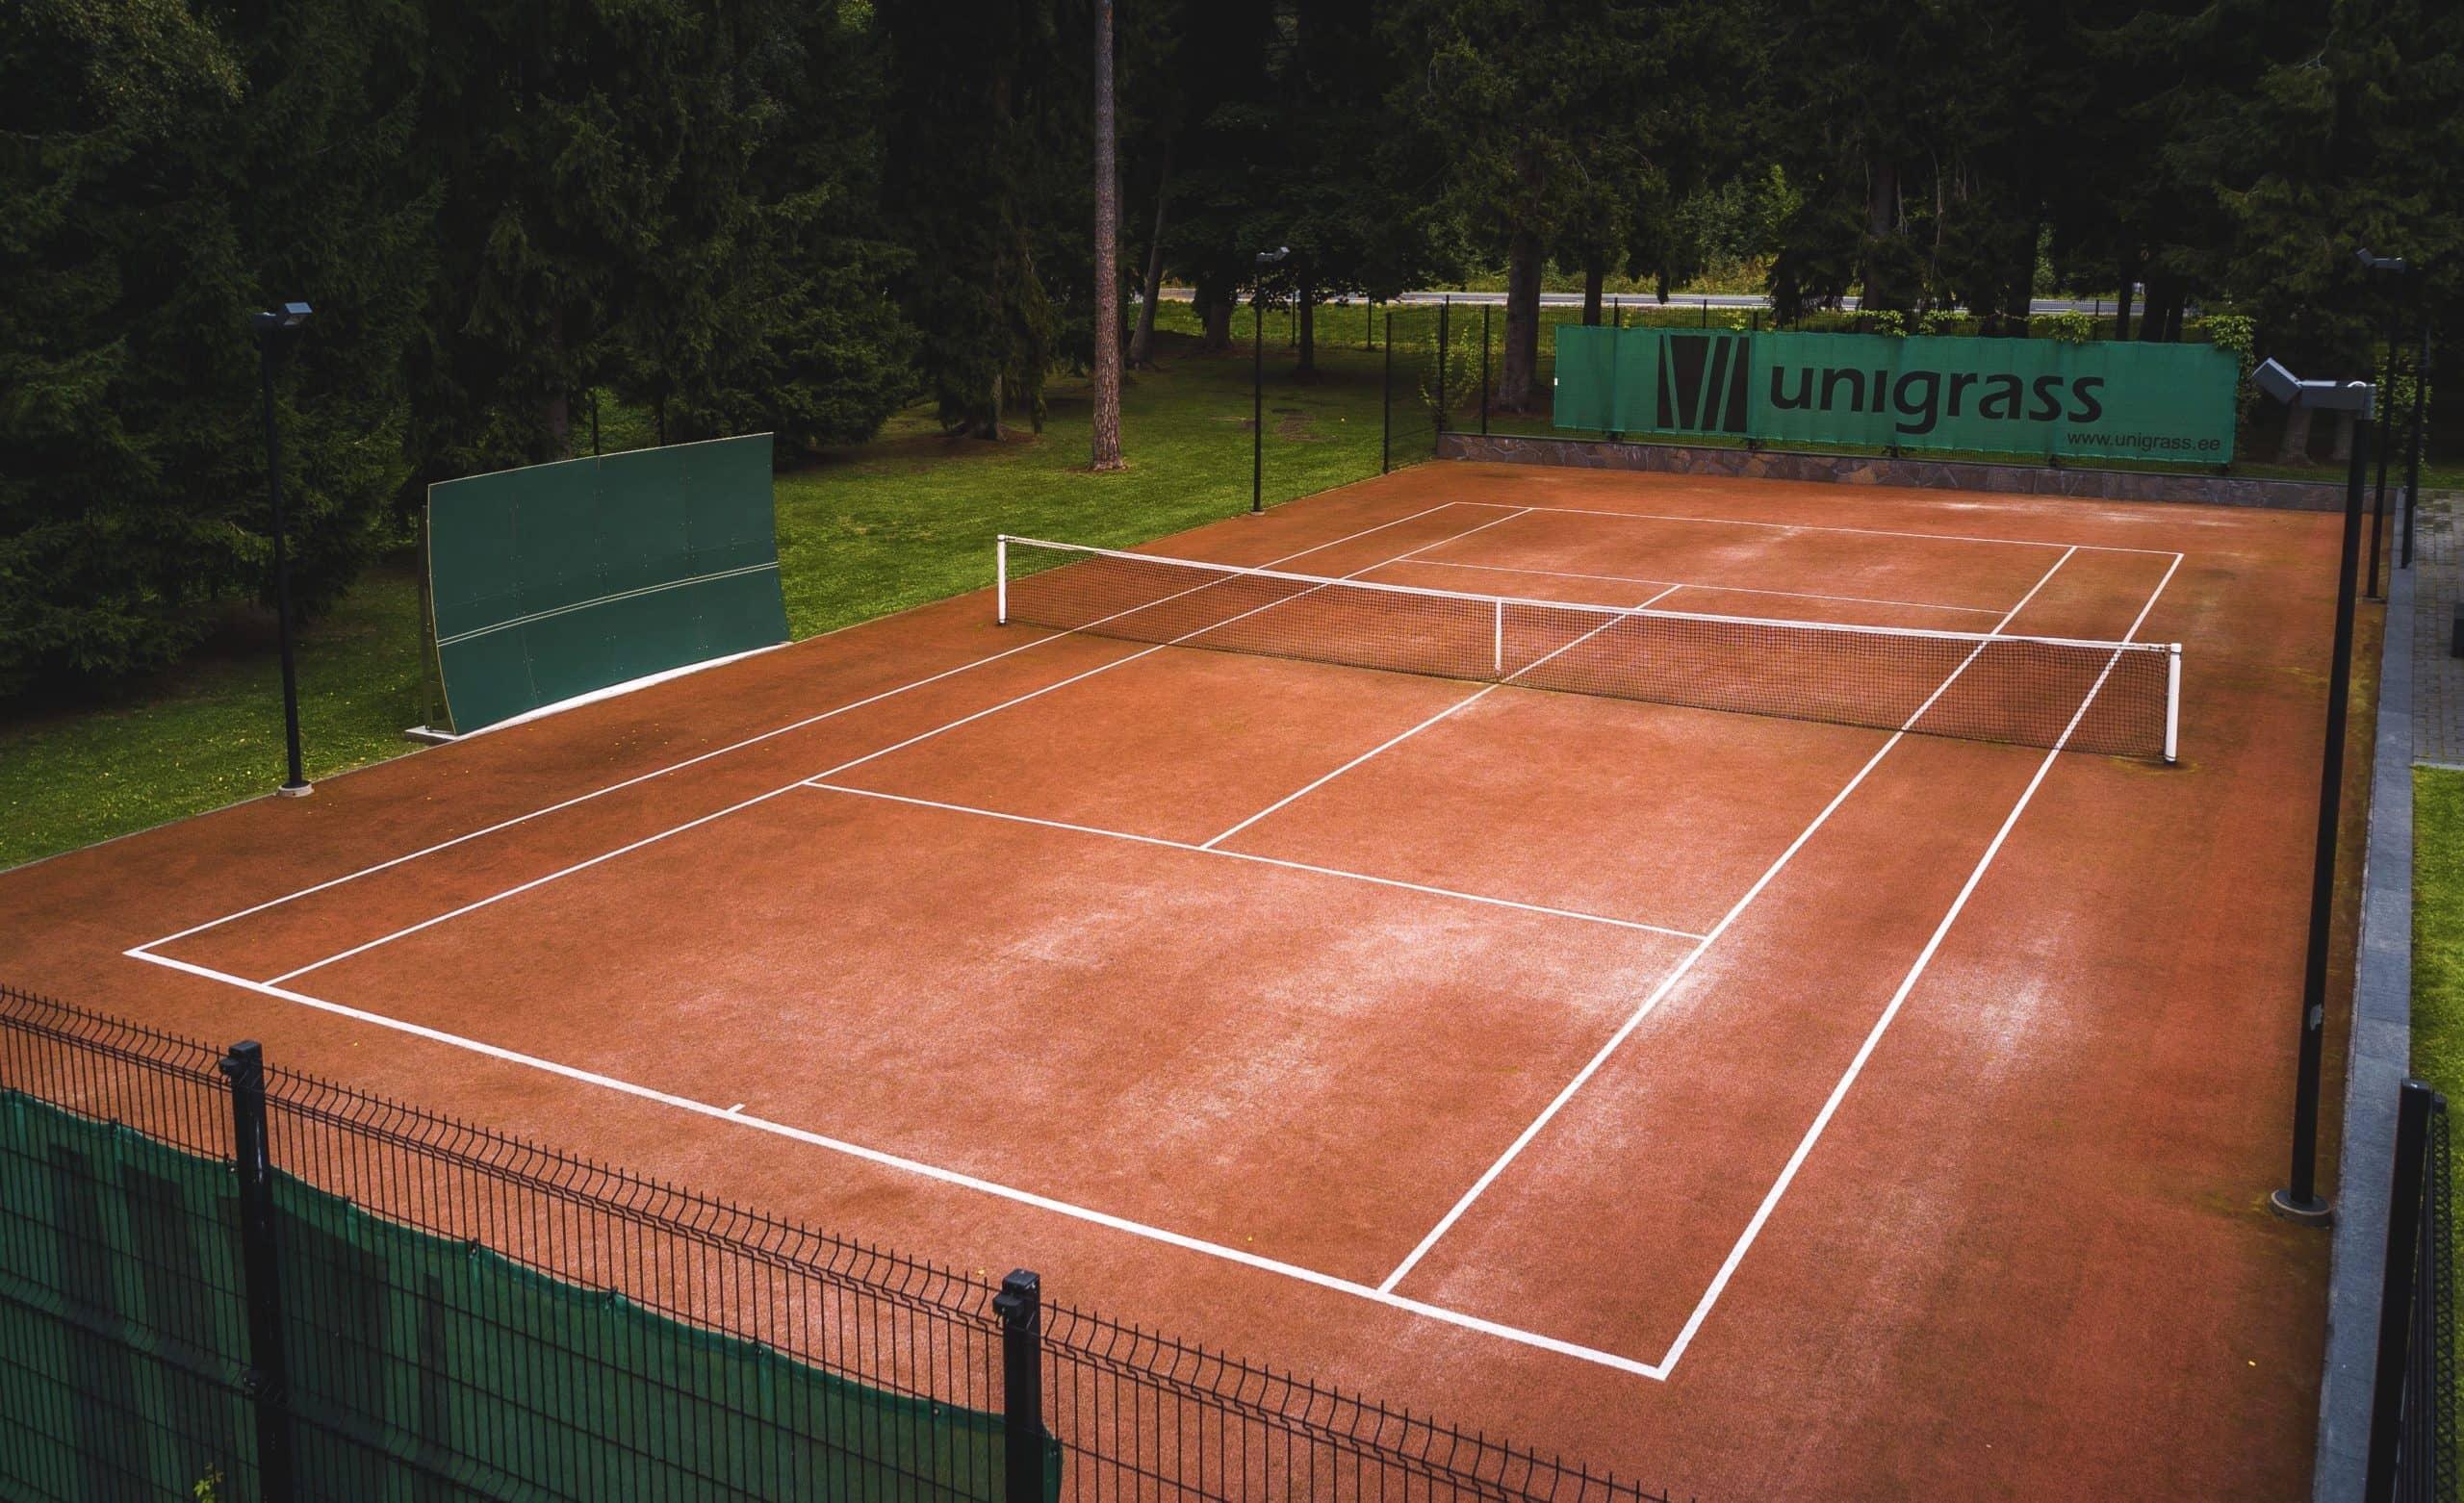 kunstmurukattega tenniseväljaku hooldus - hooldatud väljak rohelise tuuletõkkefooniga